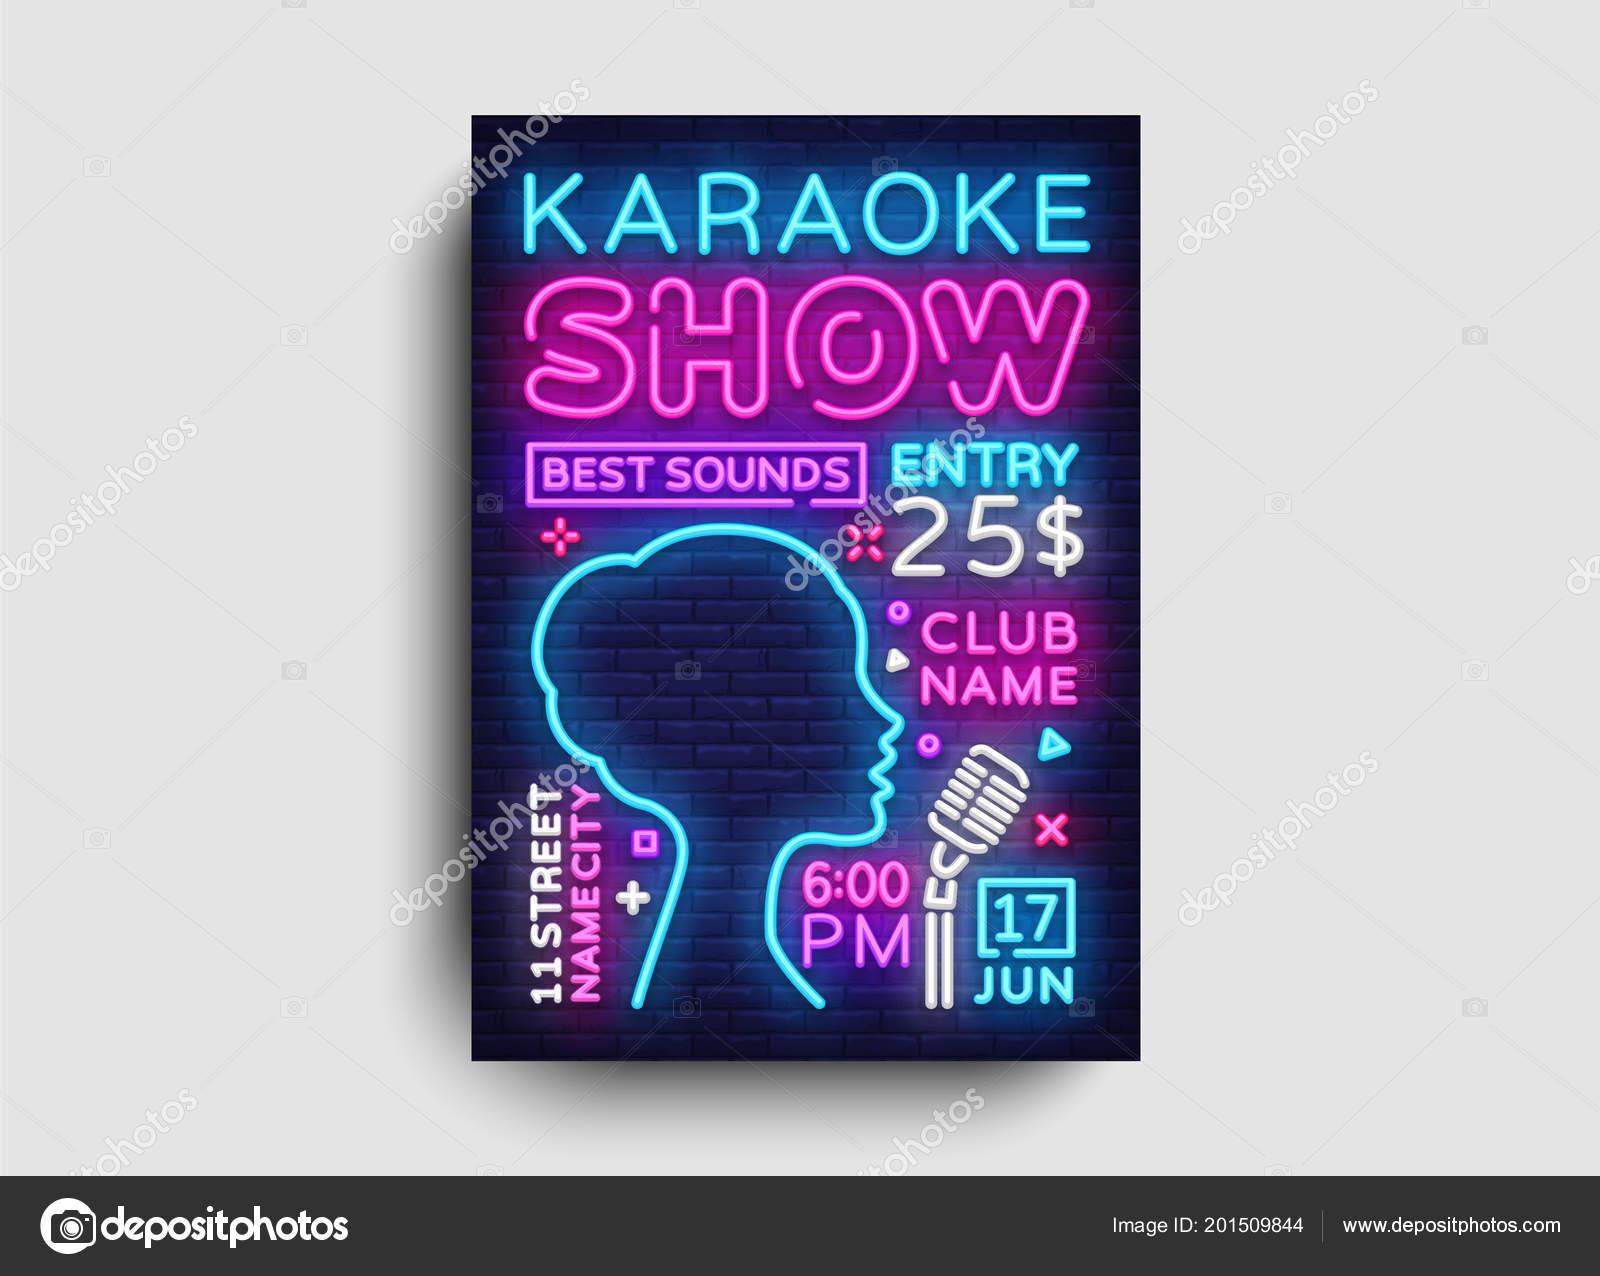 Karaoke design poster vector karaoke party design template flyer karaoke design poster vector karaoke party design template flyer neon style karaoke show brochure neon banner light flyer concert invitation stopboris Images